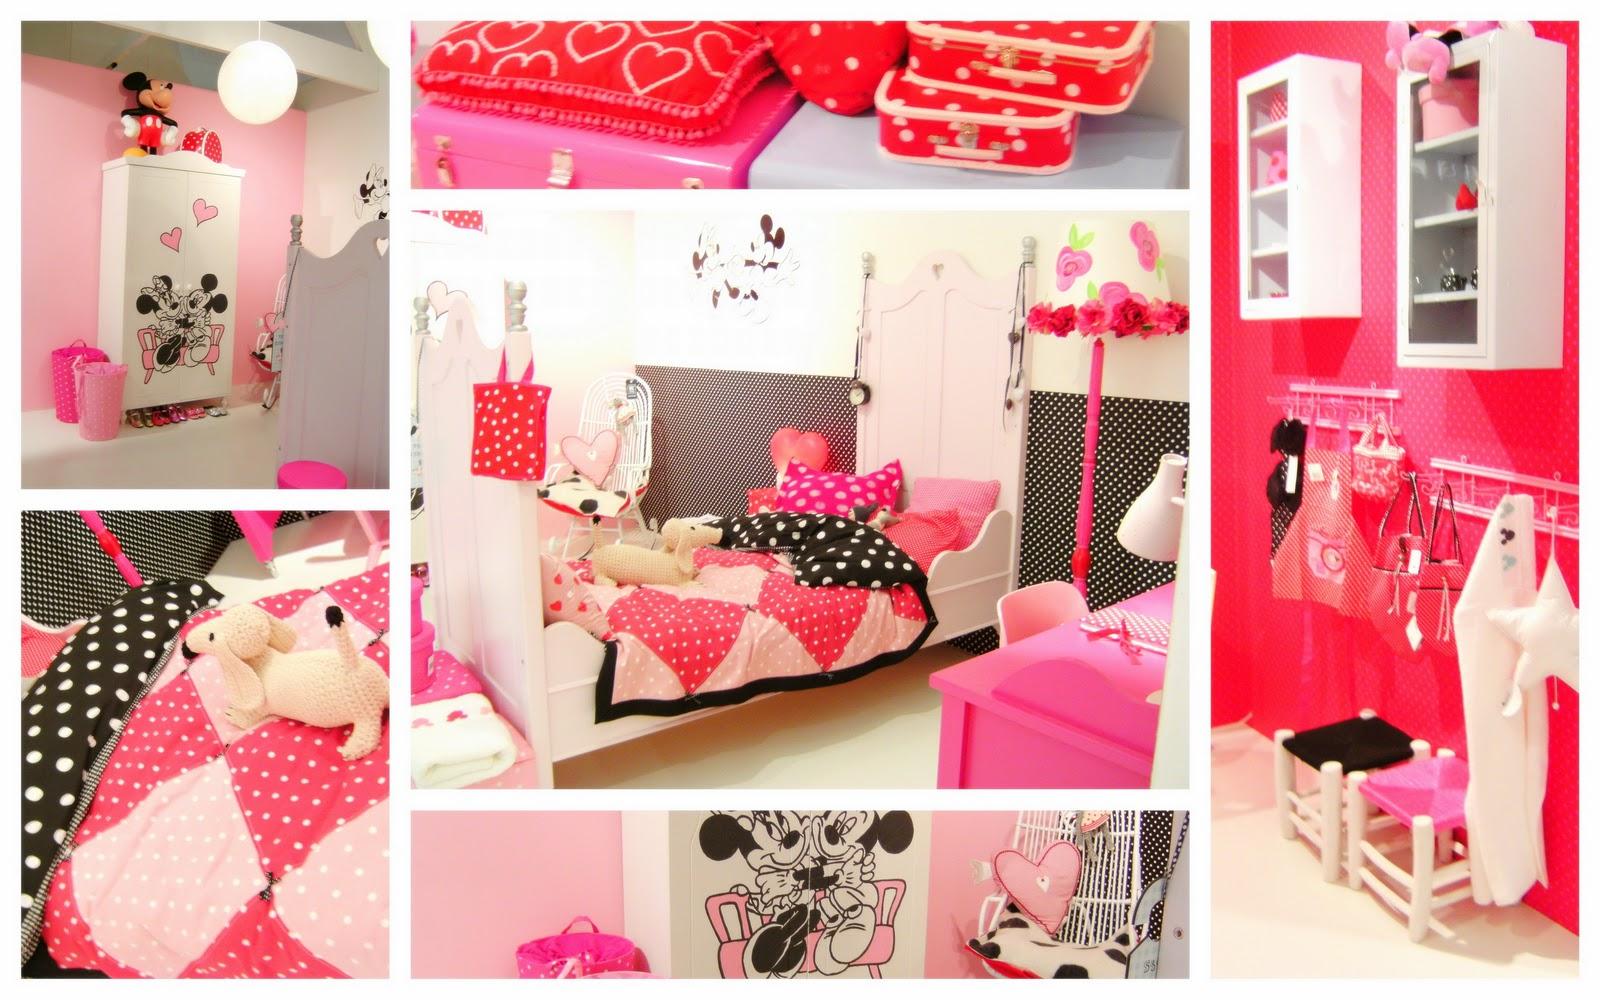 Byelisabethnl disney at home children 39 s bedroom at for Woonbeurs amsterdam